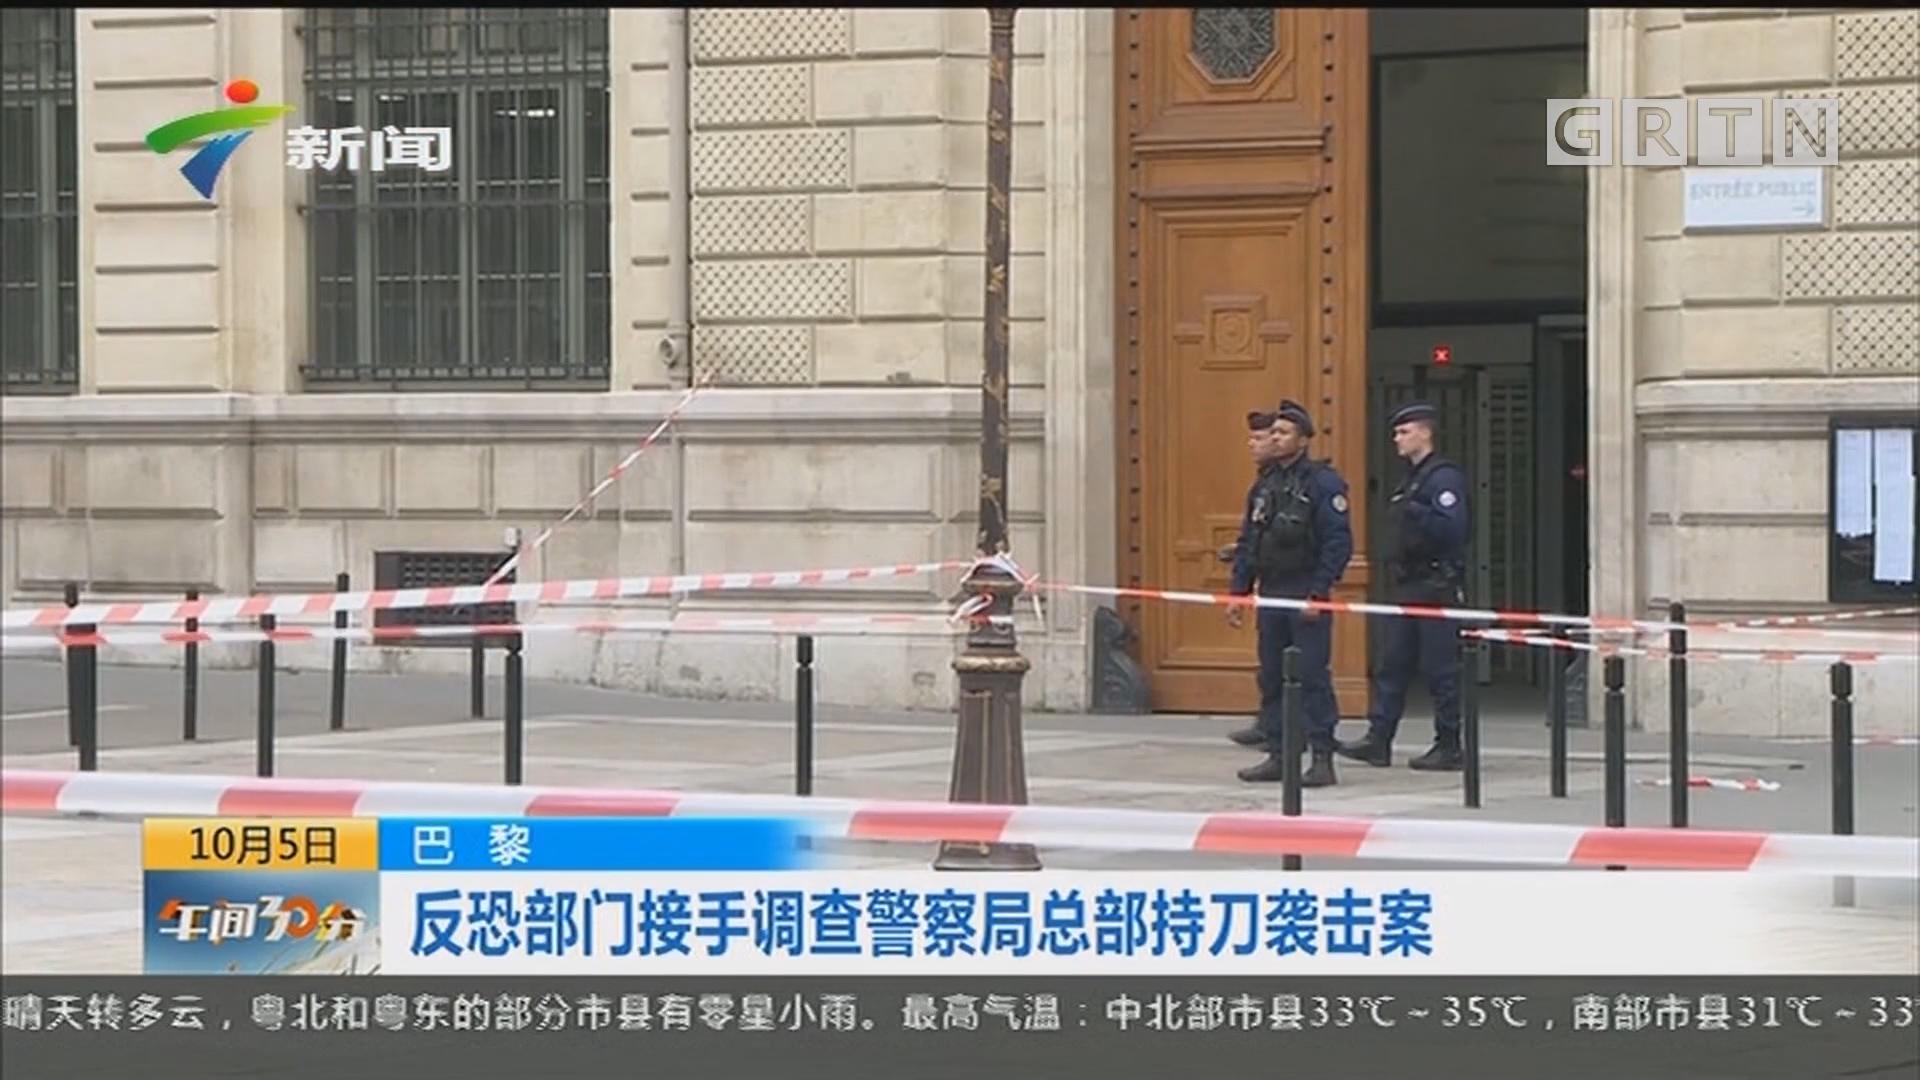 巴黎:反恐部门接手调查警察局总部持刀袭击案